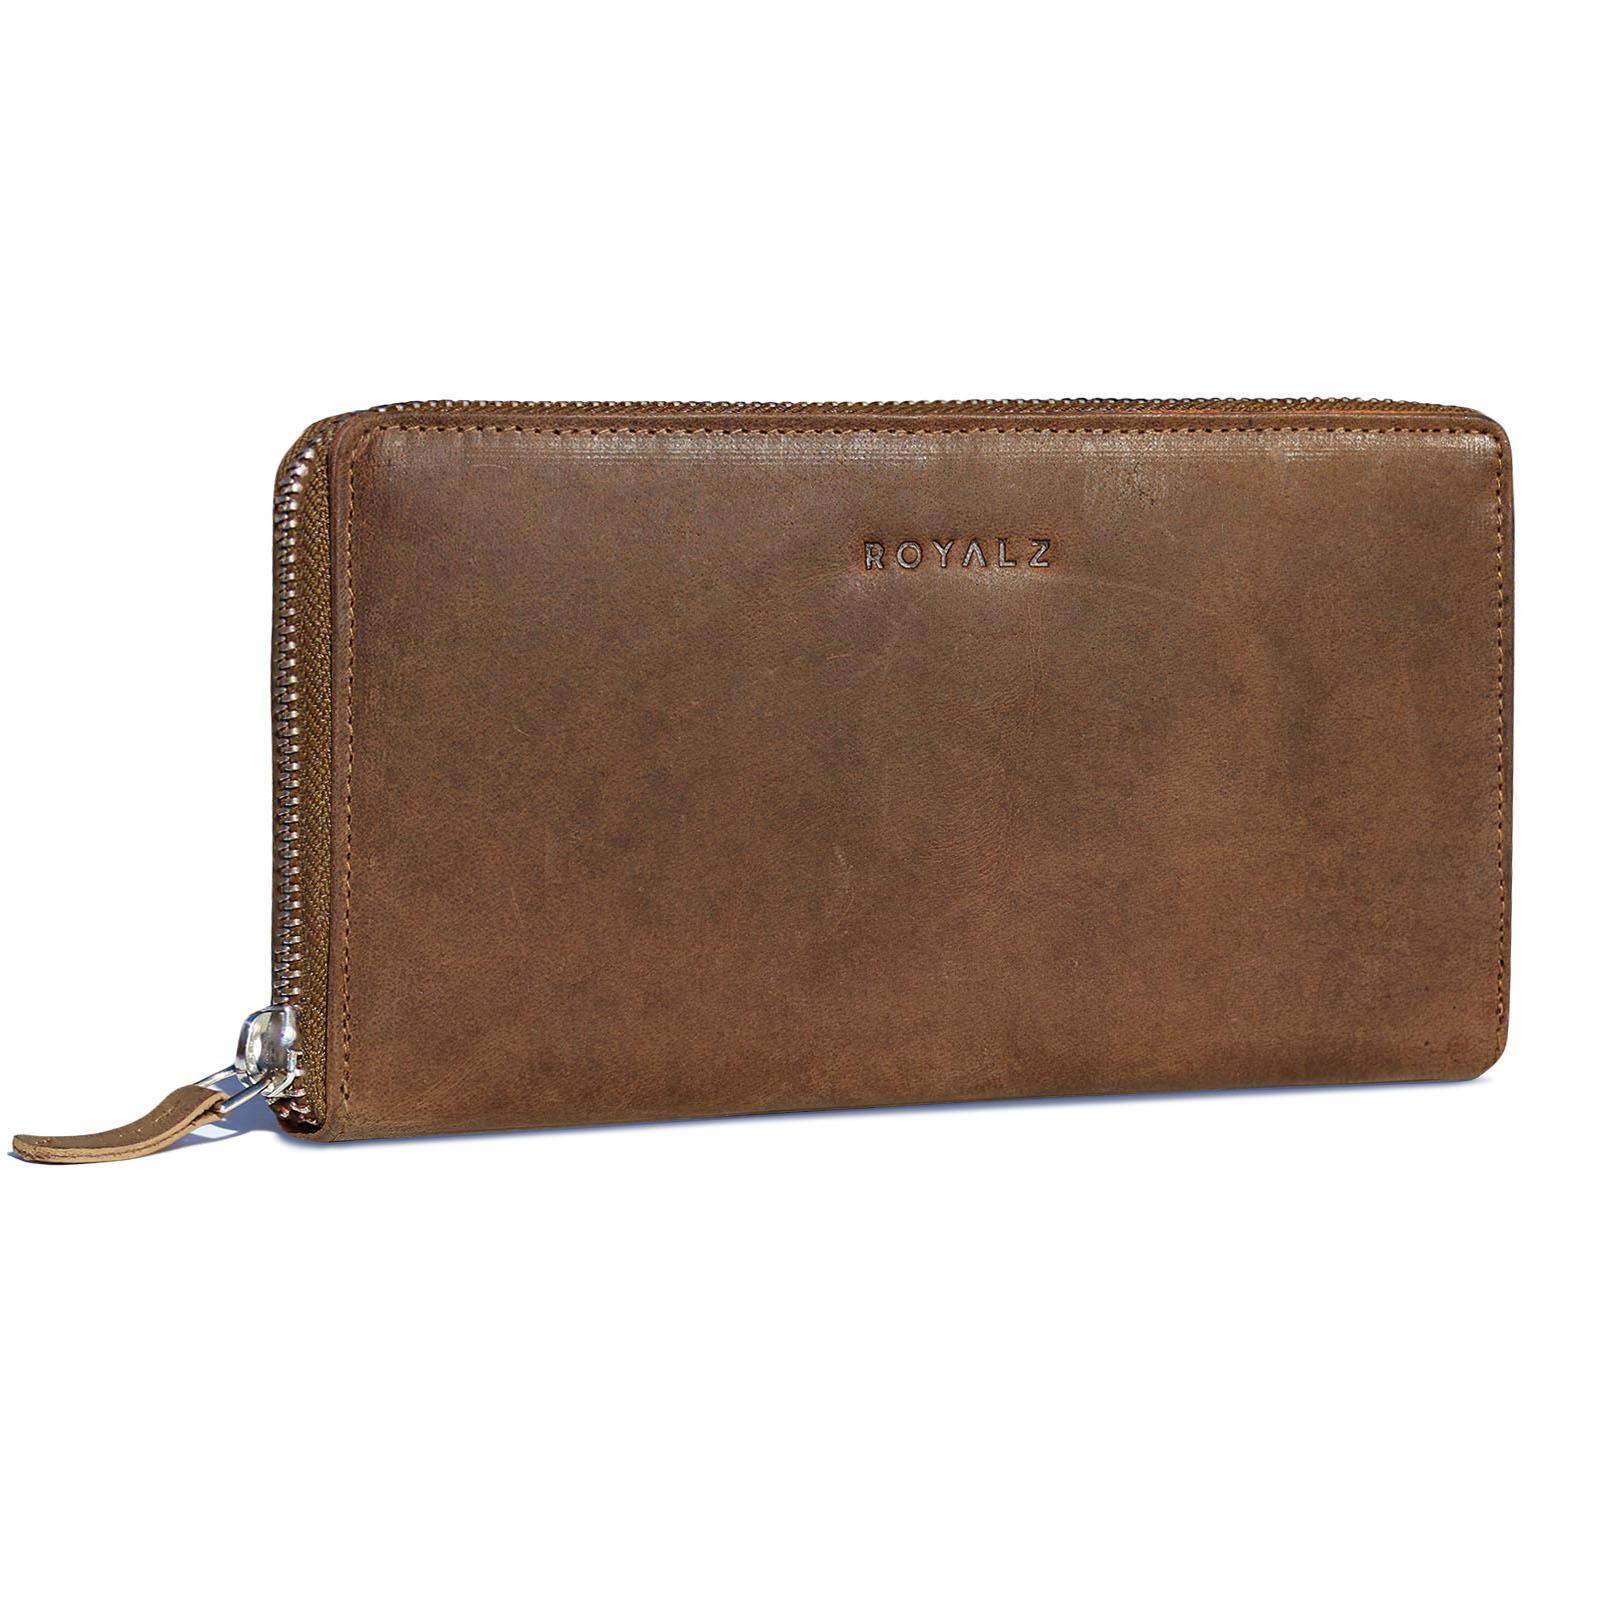 7635b2c756270 ROYALZ Vintage Portemonnaie Damen Groß mit Reißverschluss Büffel-Leder RFID  Schnutz Frauen Geldbörse Querformat